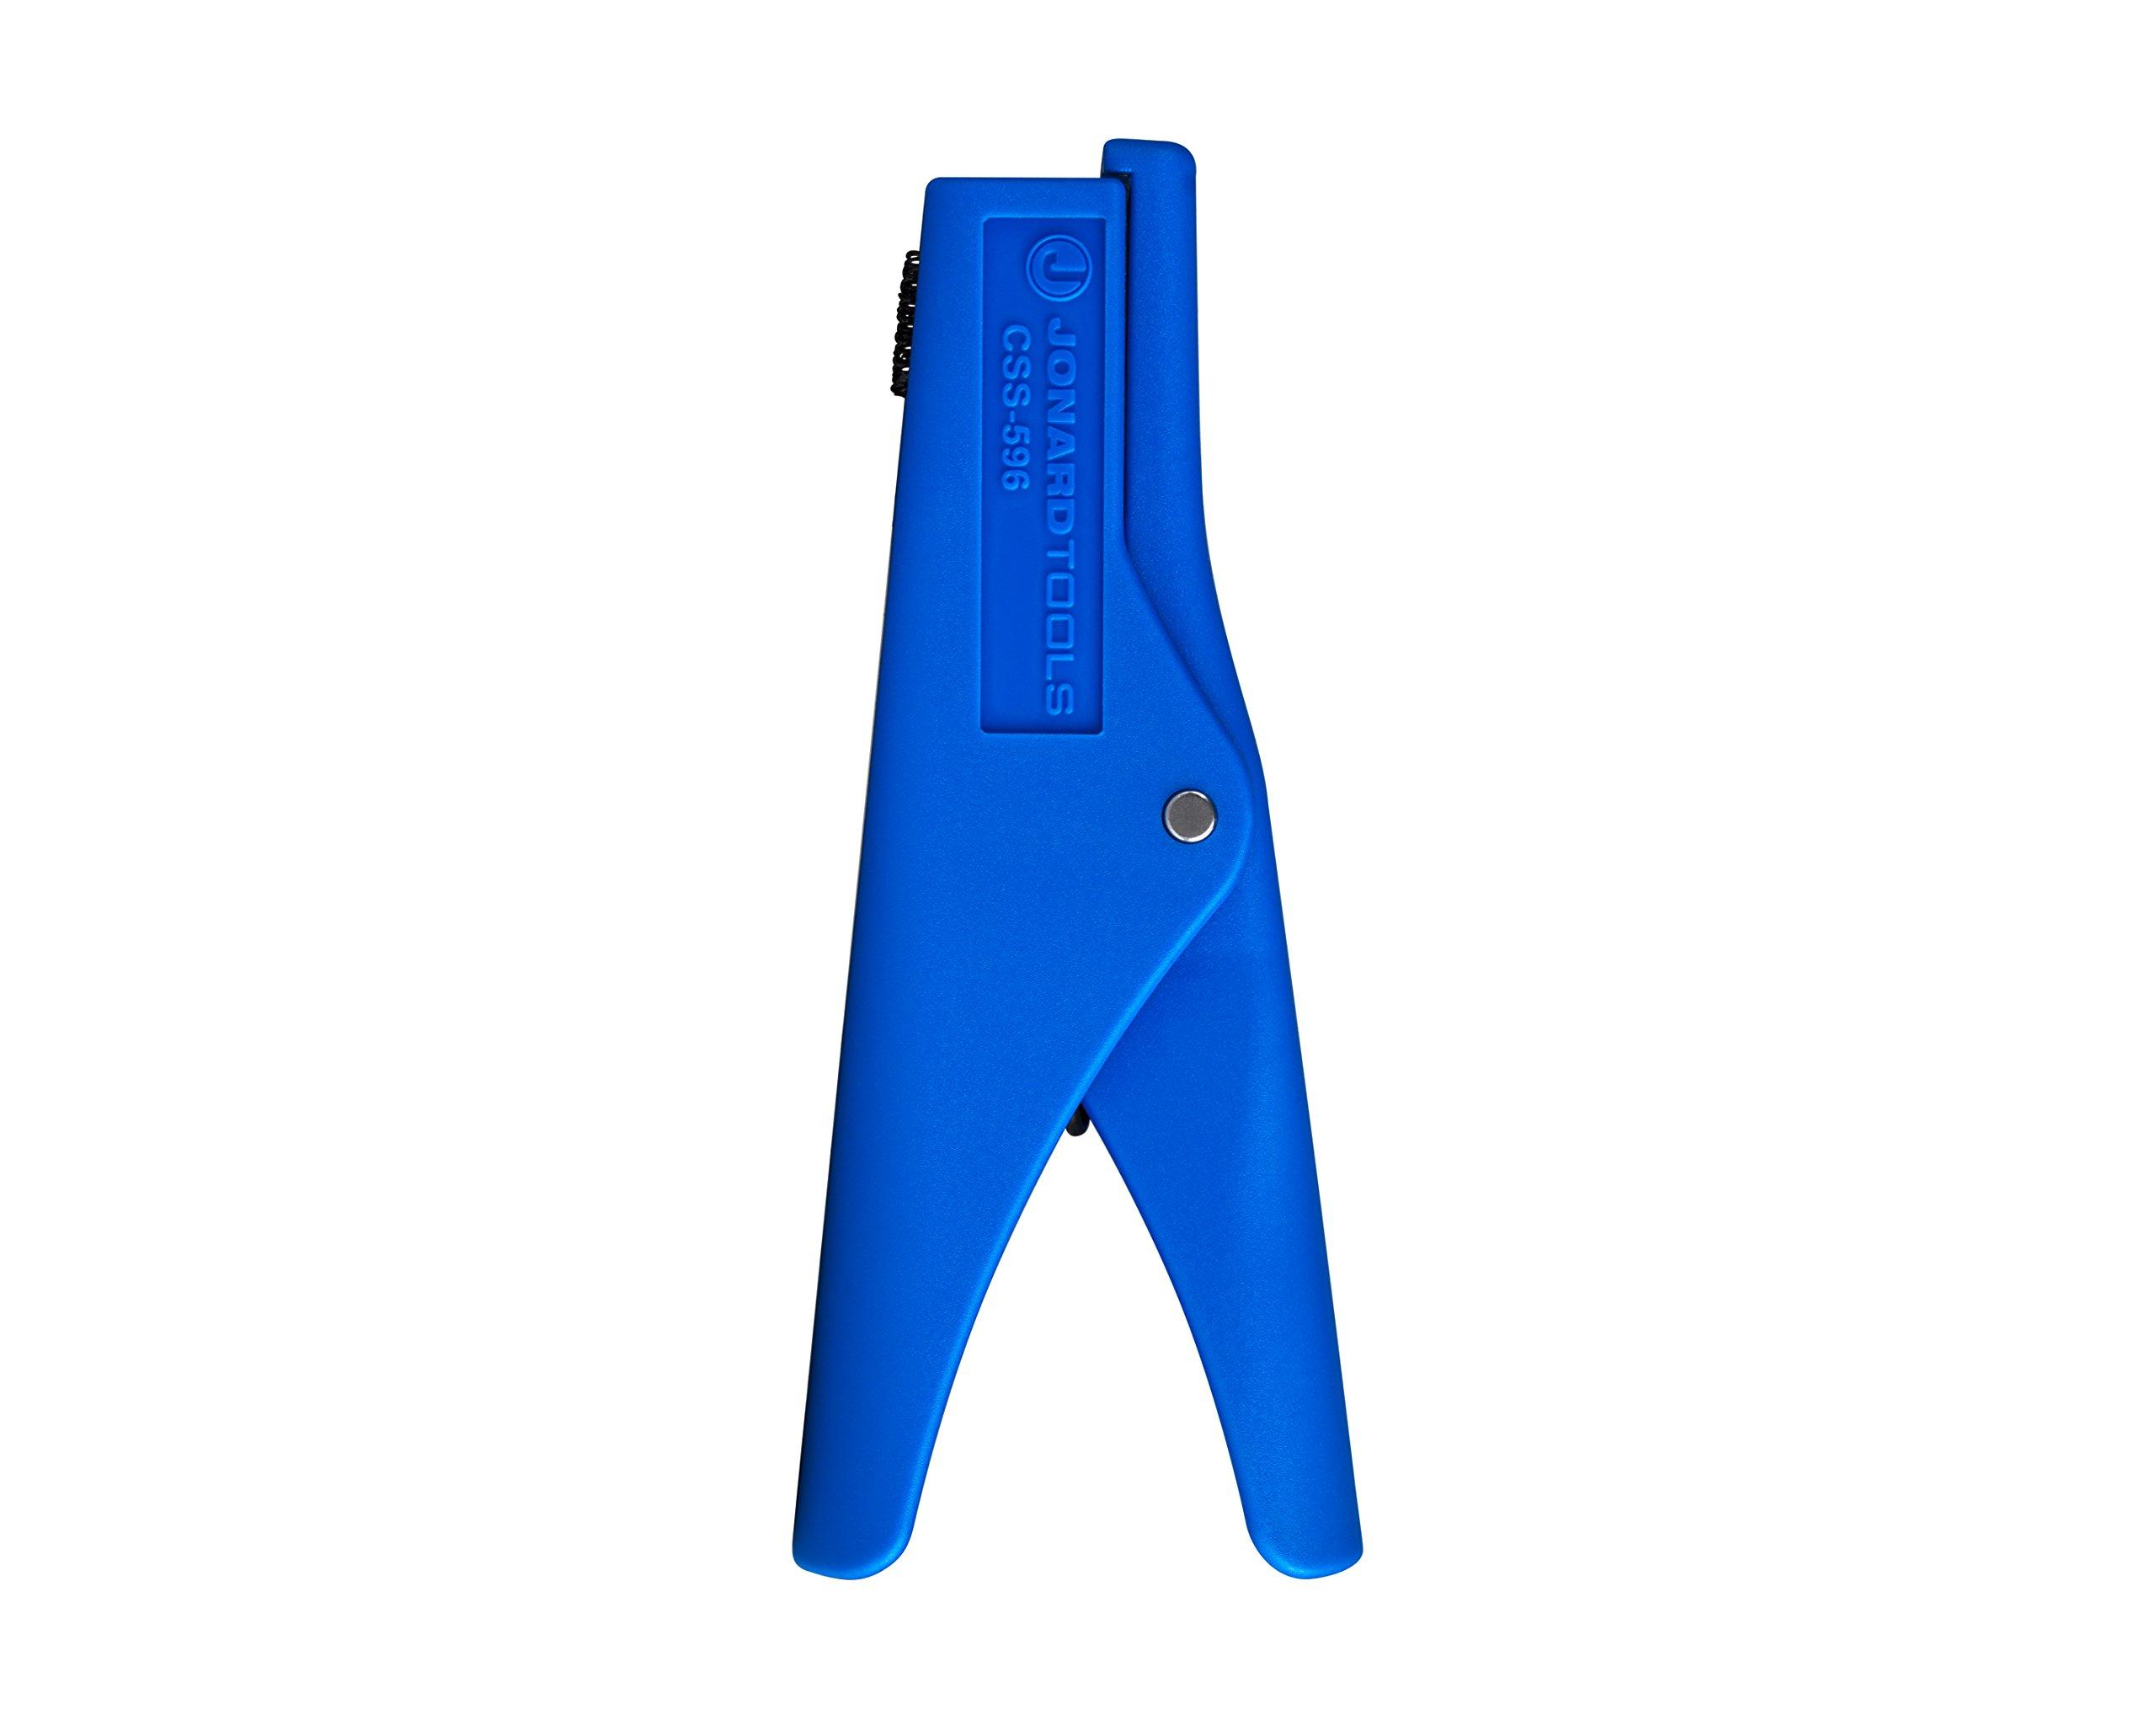 Jonard Tools CSS-596 Coax Stub End Stripper (RG59/RG6)